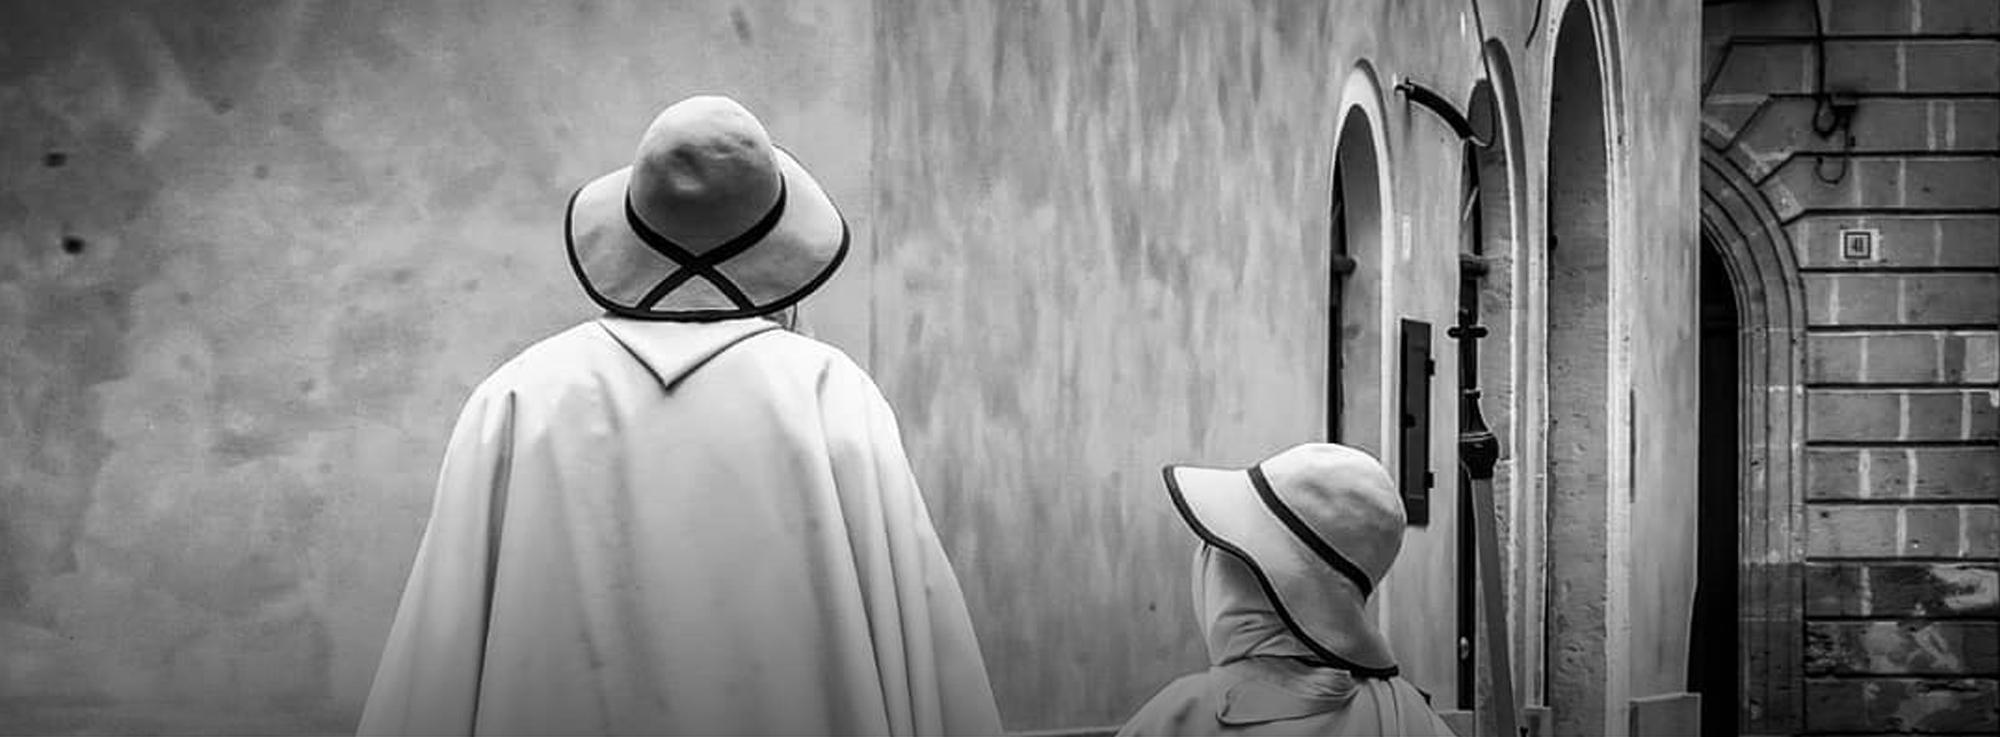 Francavilla Fontana: Rinnovare nella Tradizione - La Settimana Santa